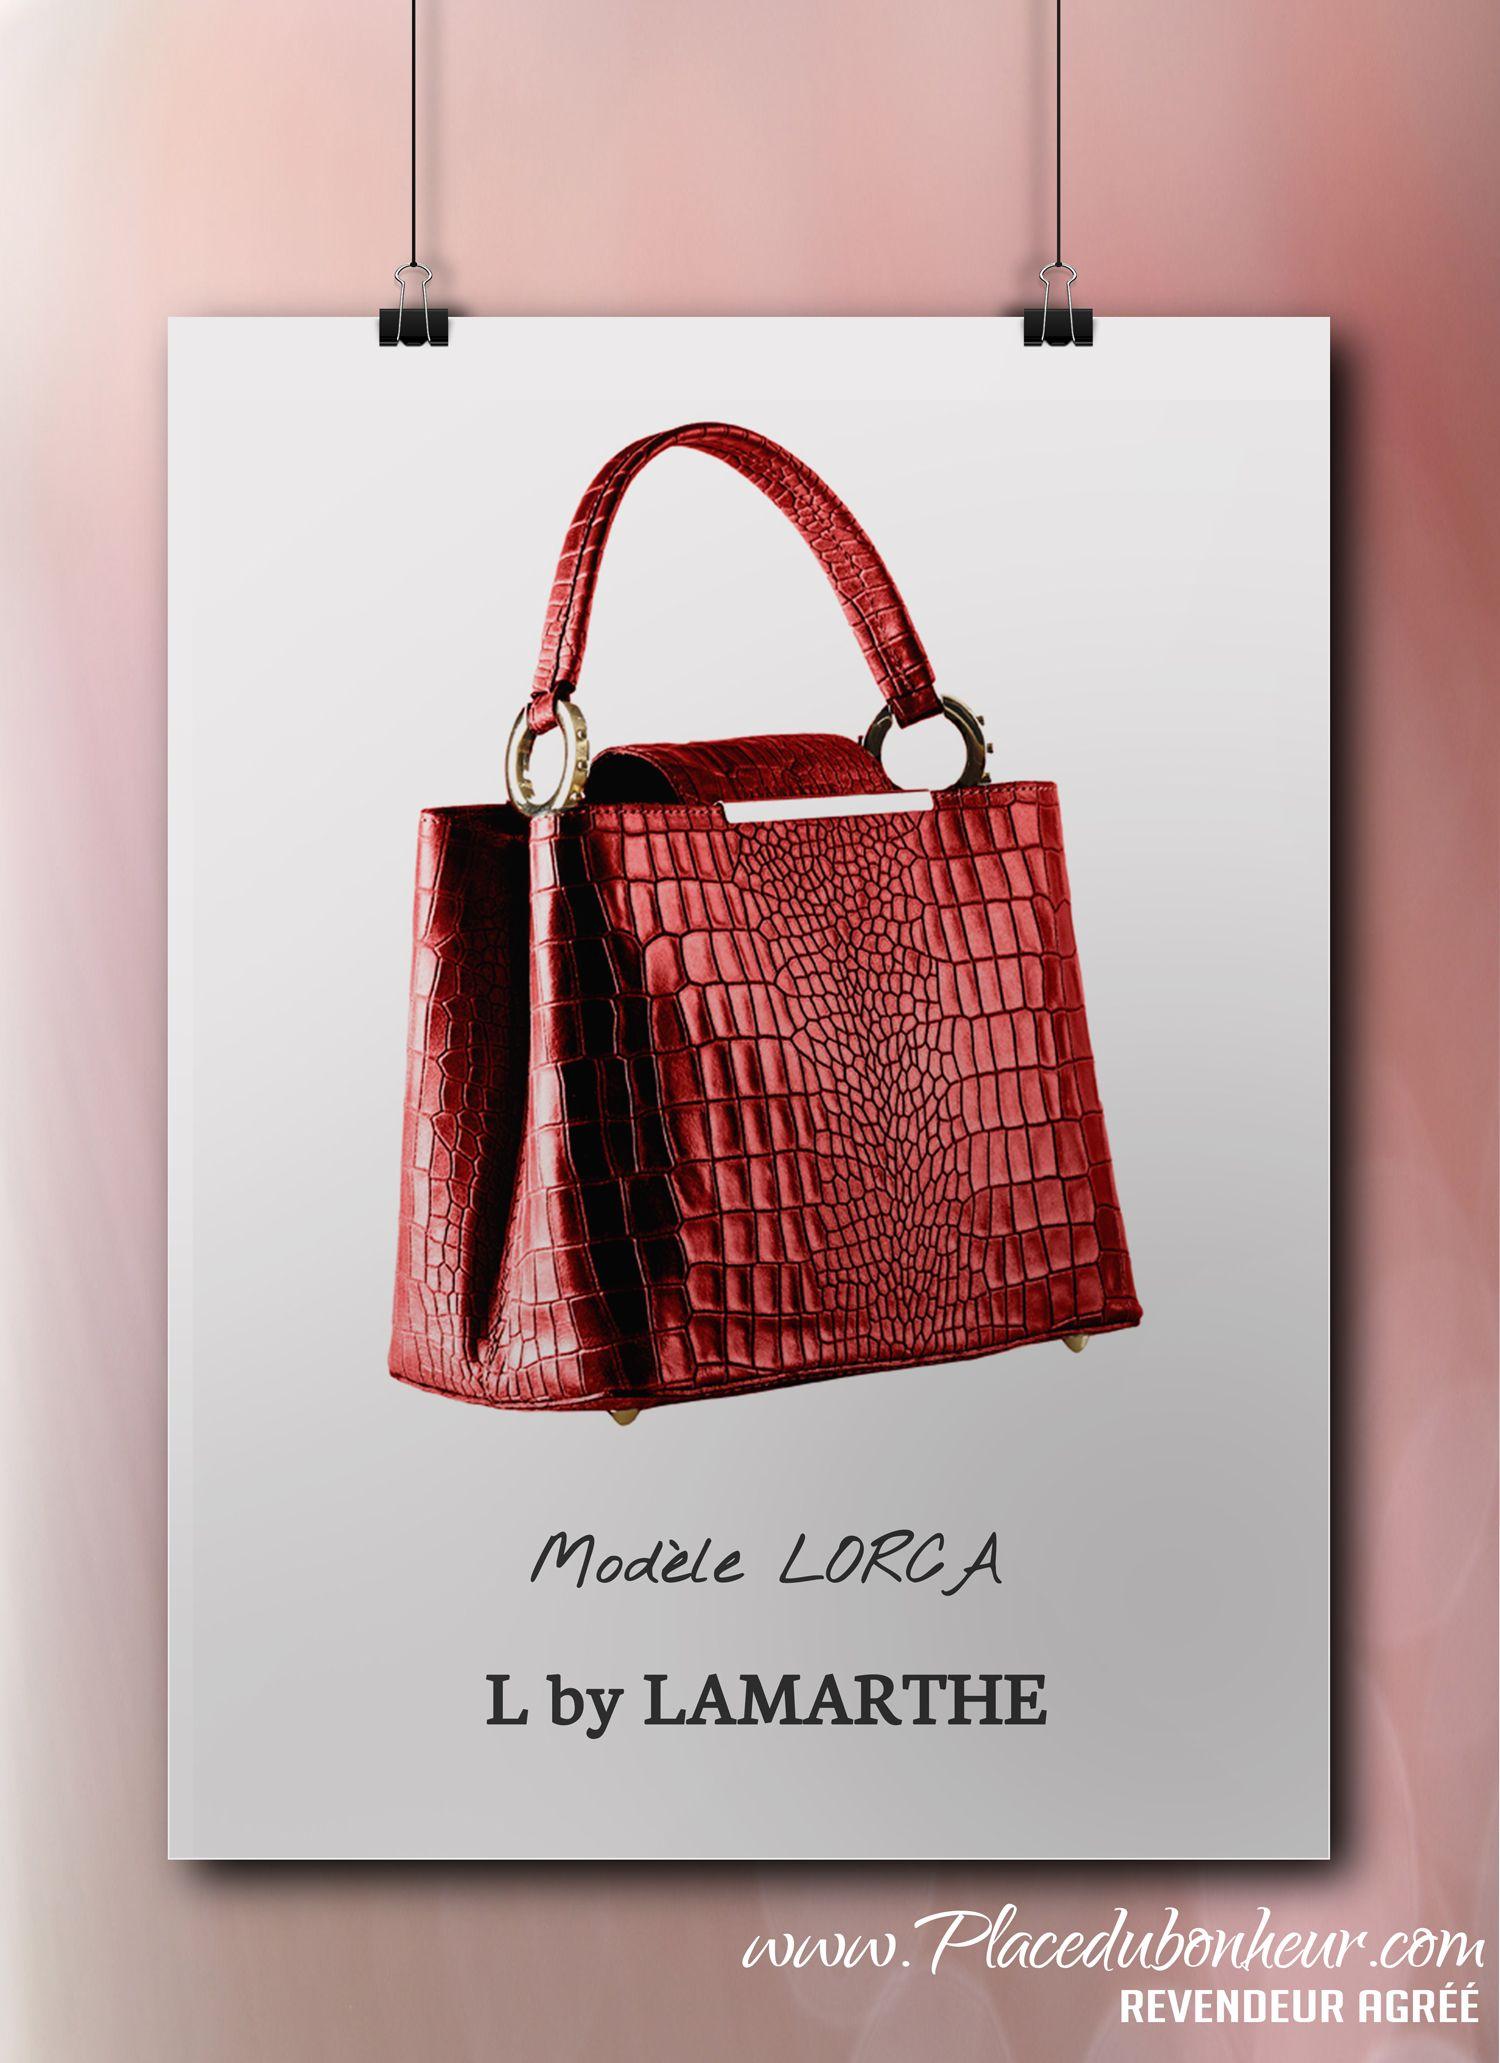 High Von Range Lorca Lamarthe Modellhandtasche Brand wS8qRPx4q